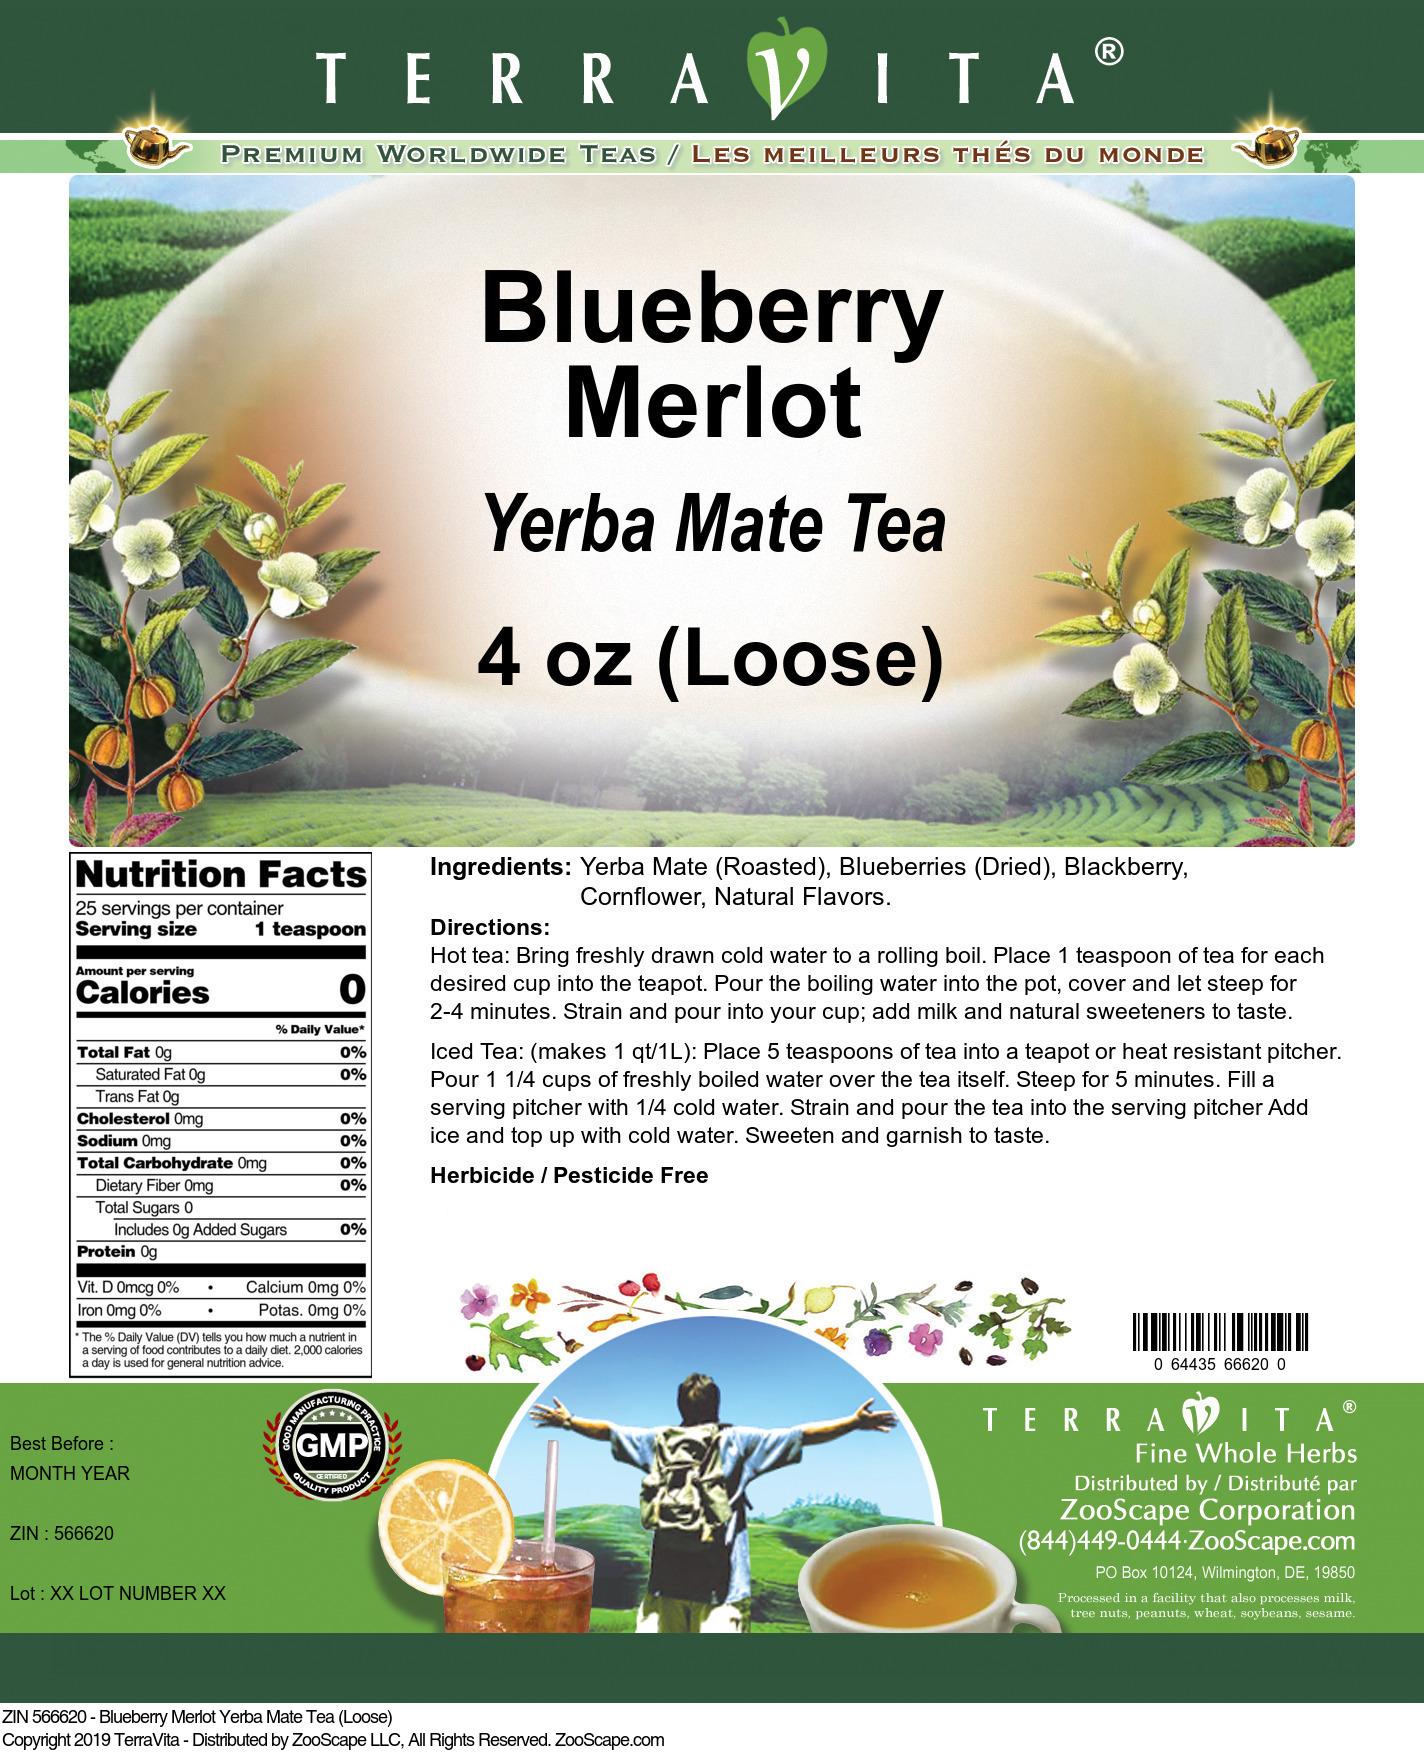 Blueberry Merlot Yerba Mate